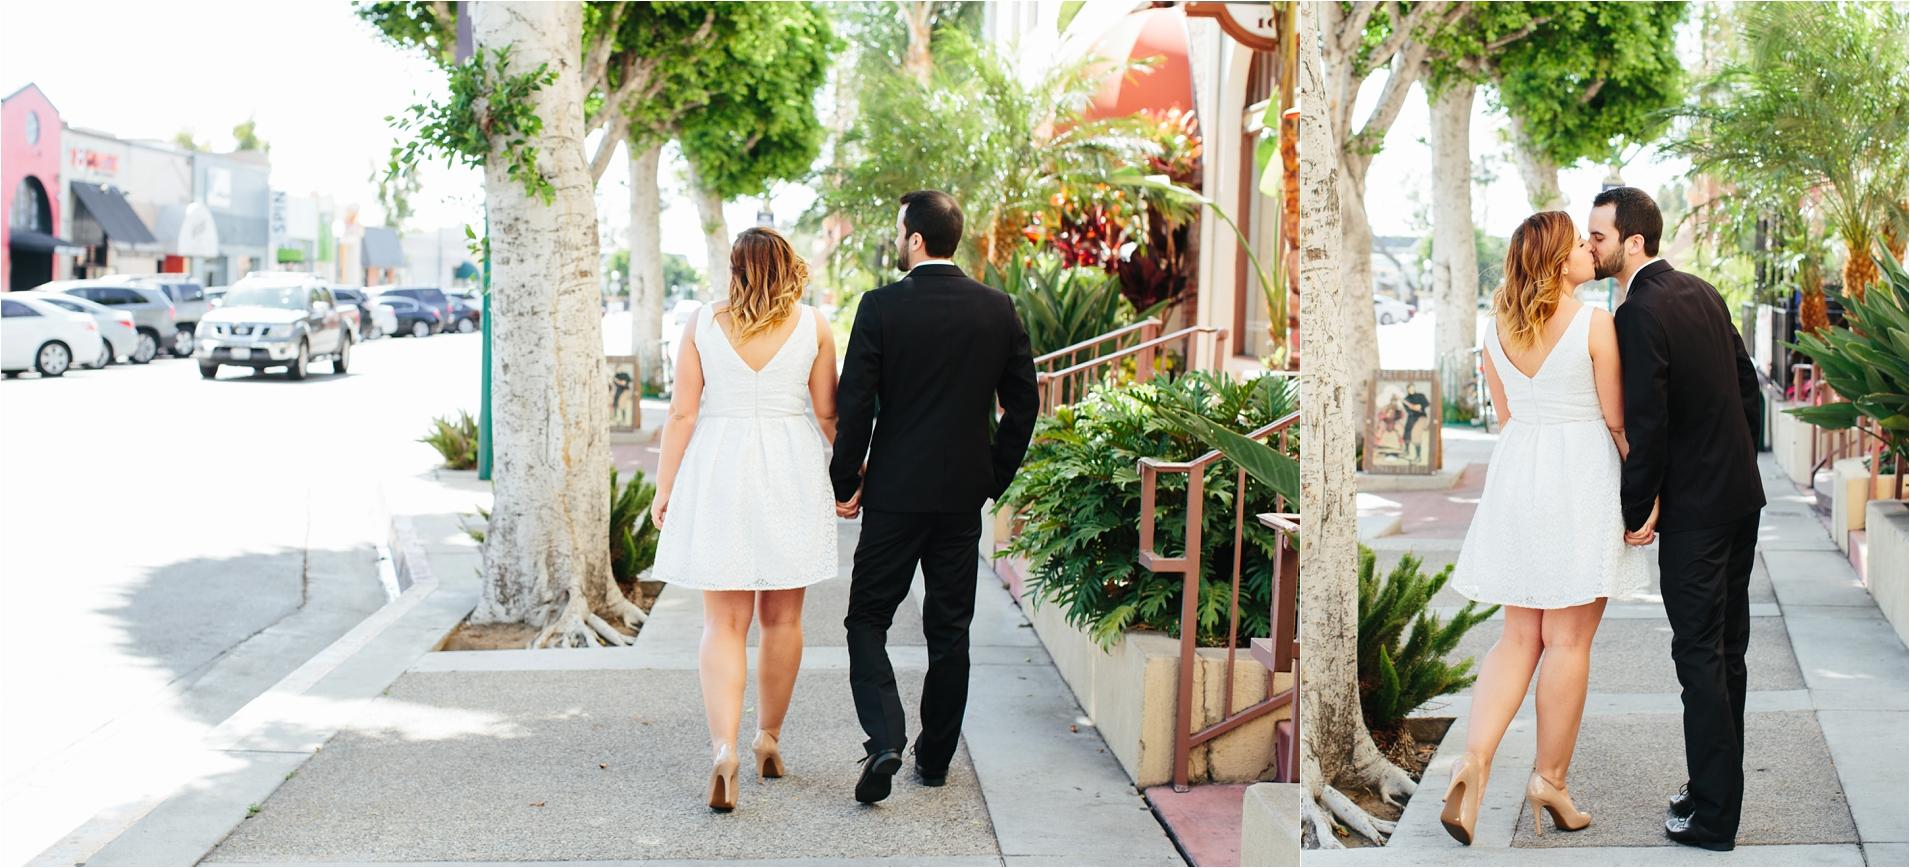 Orange County Civil Ceremony Wedding